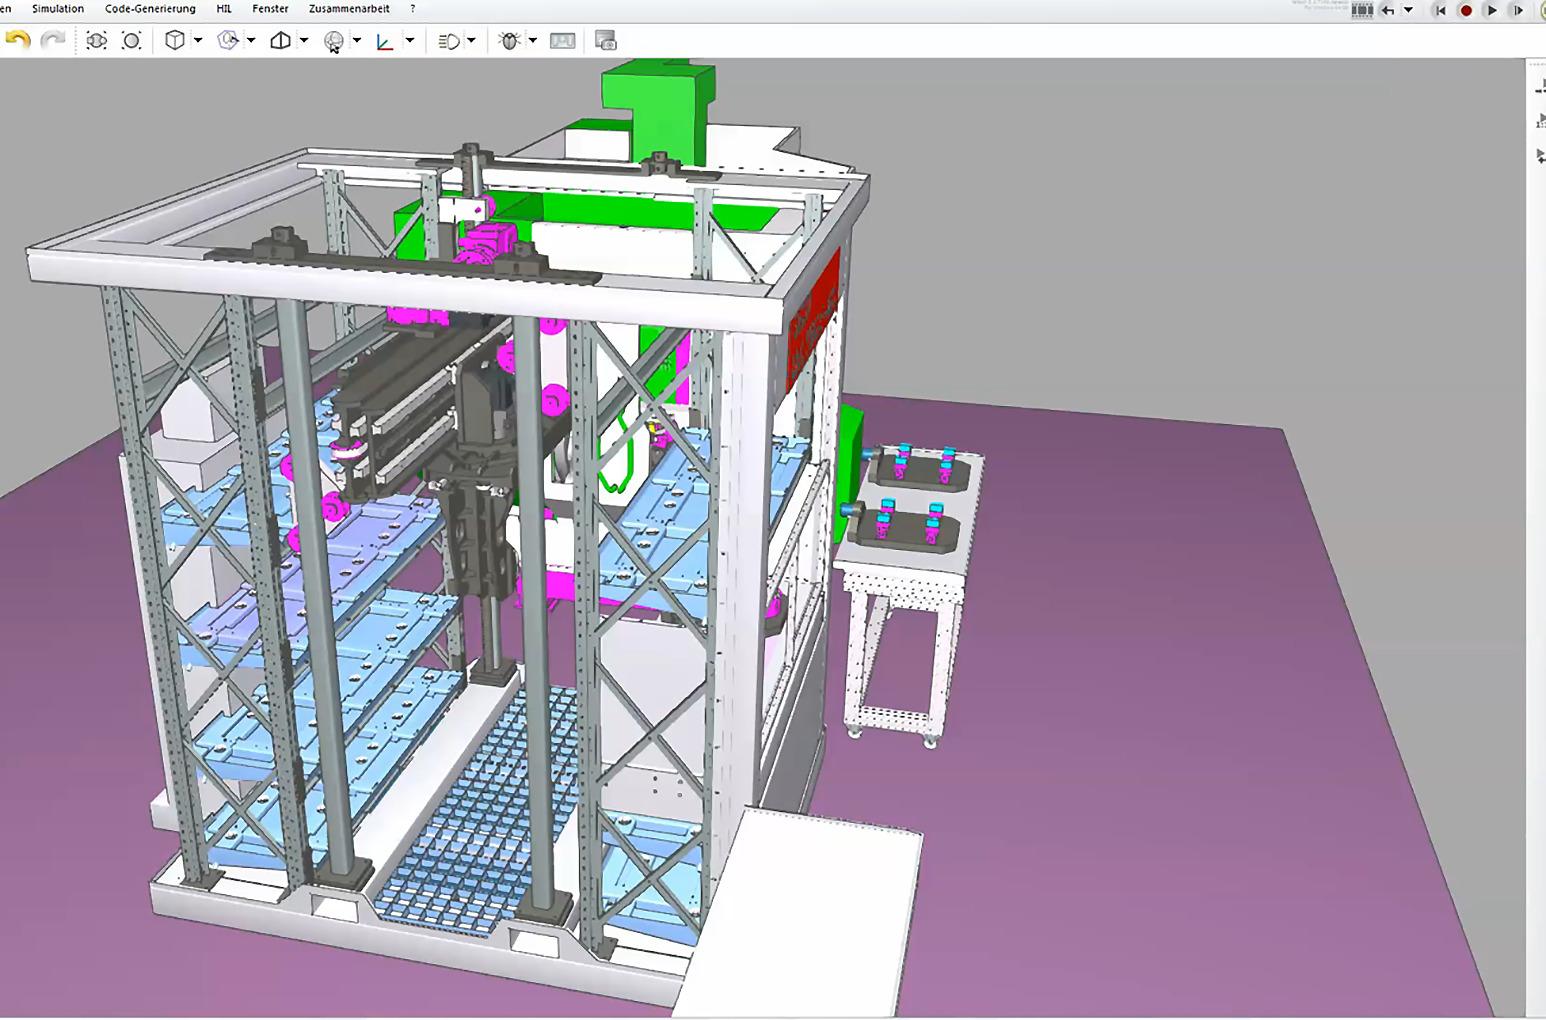 Simulationsmodell einer Multi-Handling-Anlage (Bild: Somic Verpackungsmaschinen GmbH & Co. KG)